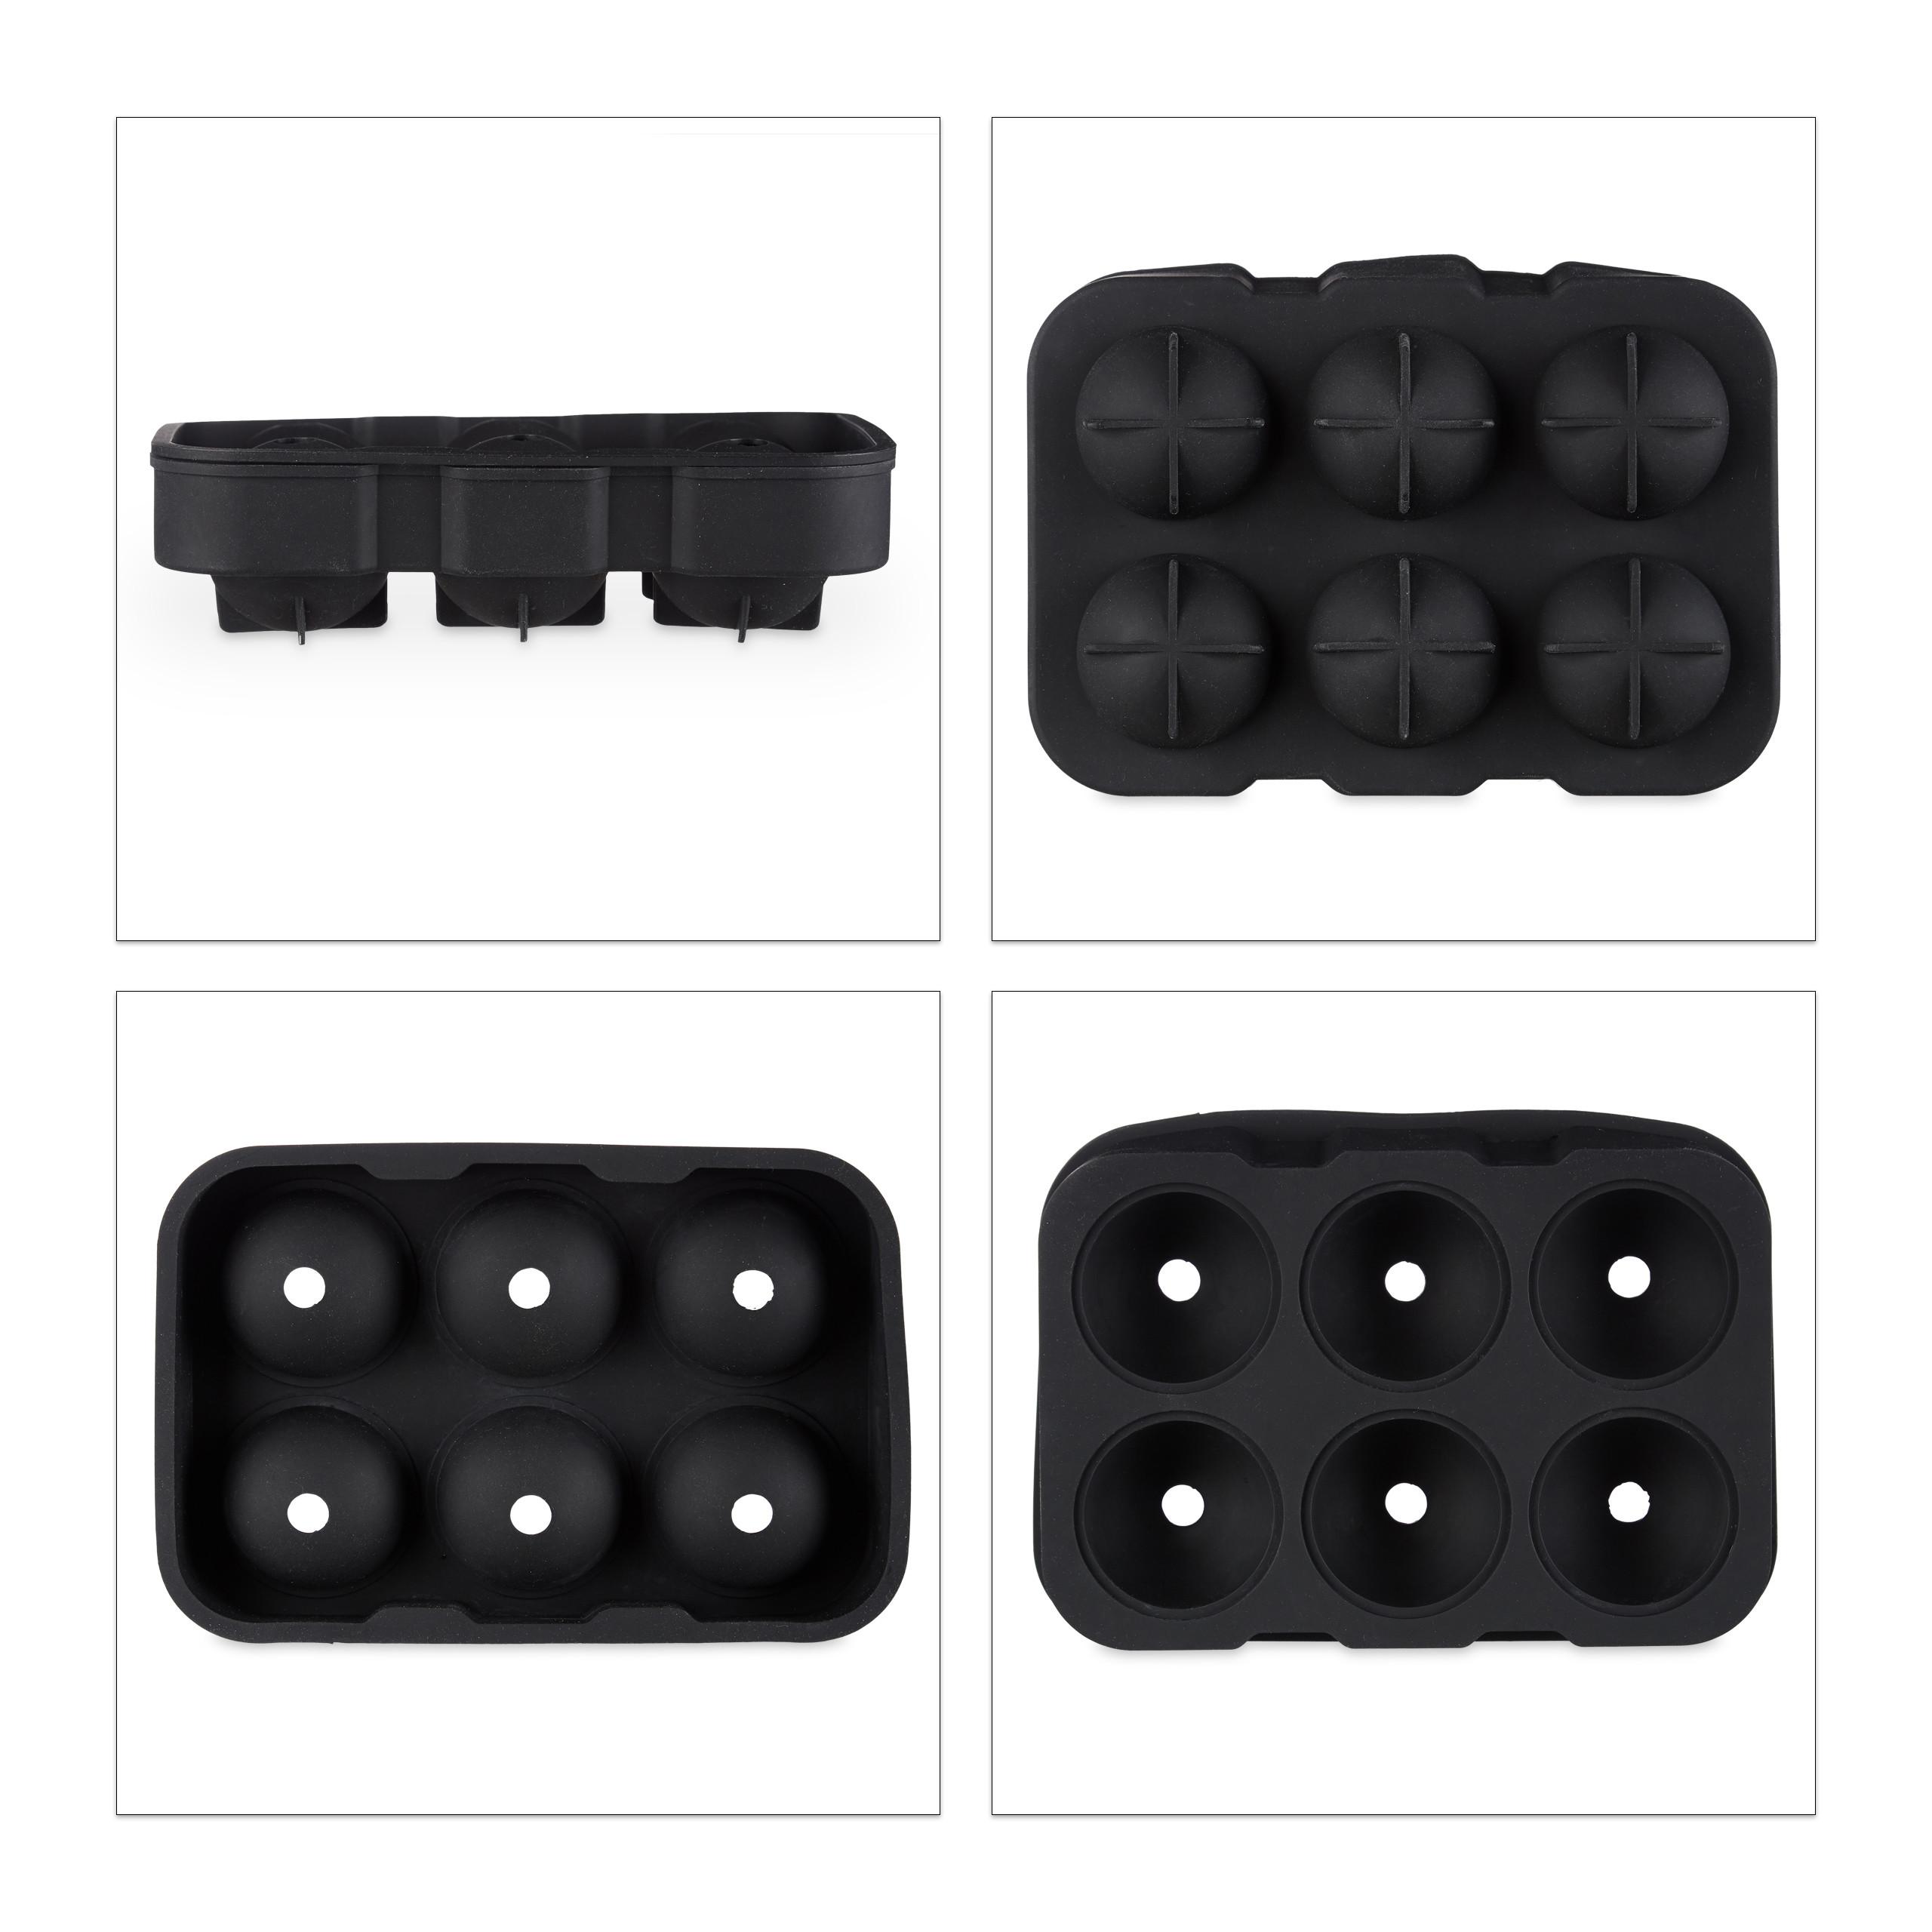 3x Eiskugelform Silikon 4,5cm Silikonform 2-teilig Eiskugel Portionierer schwarz